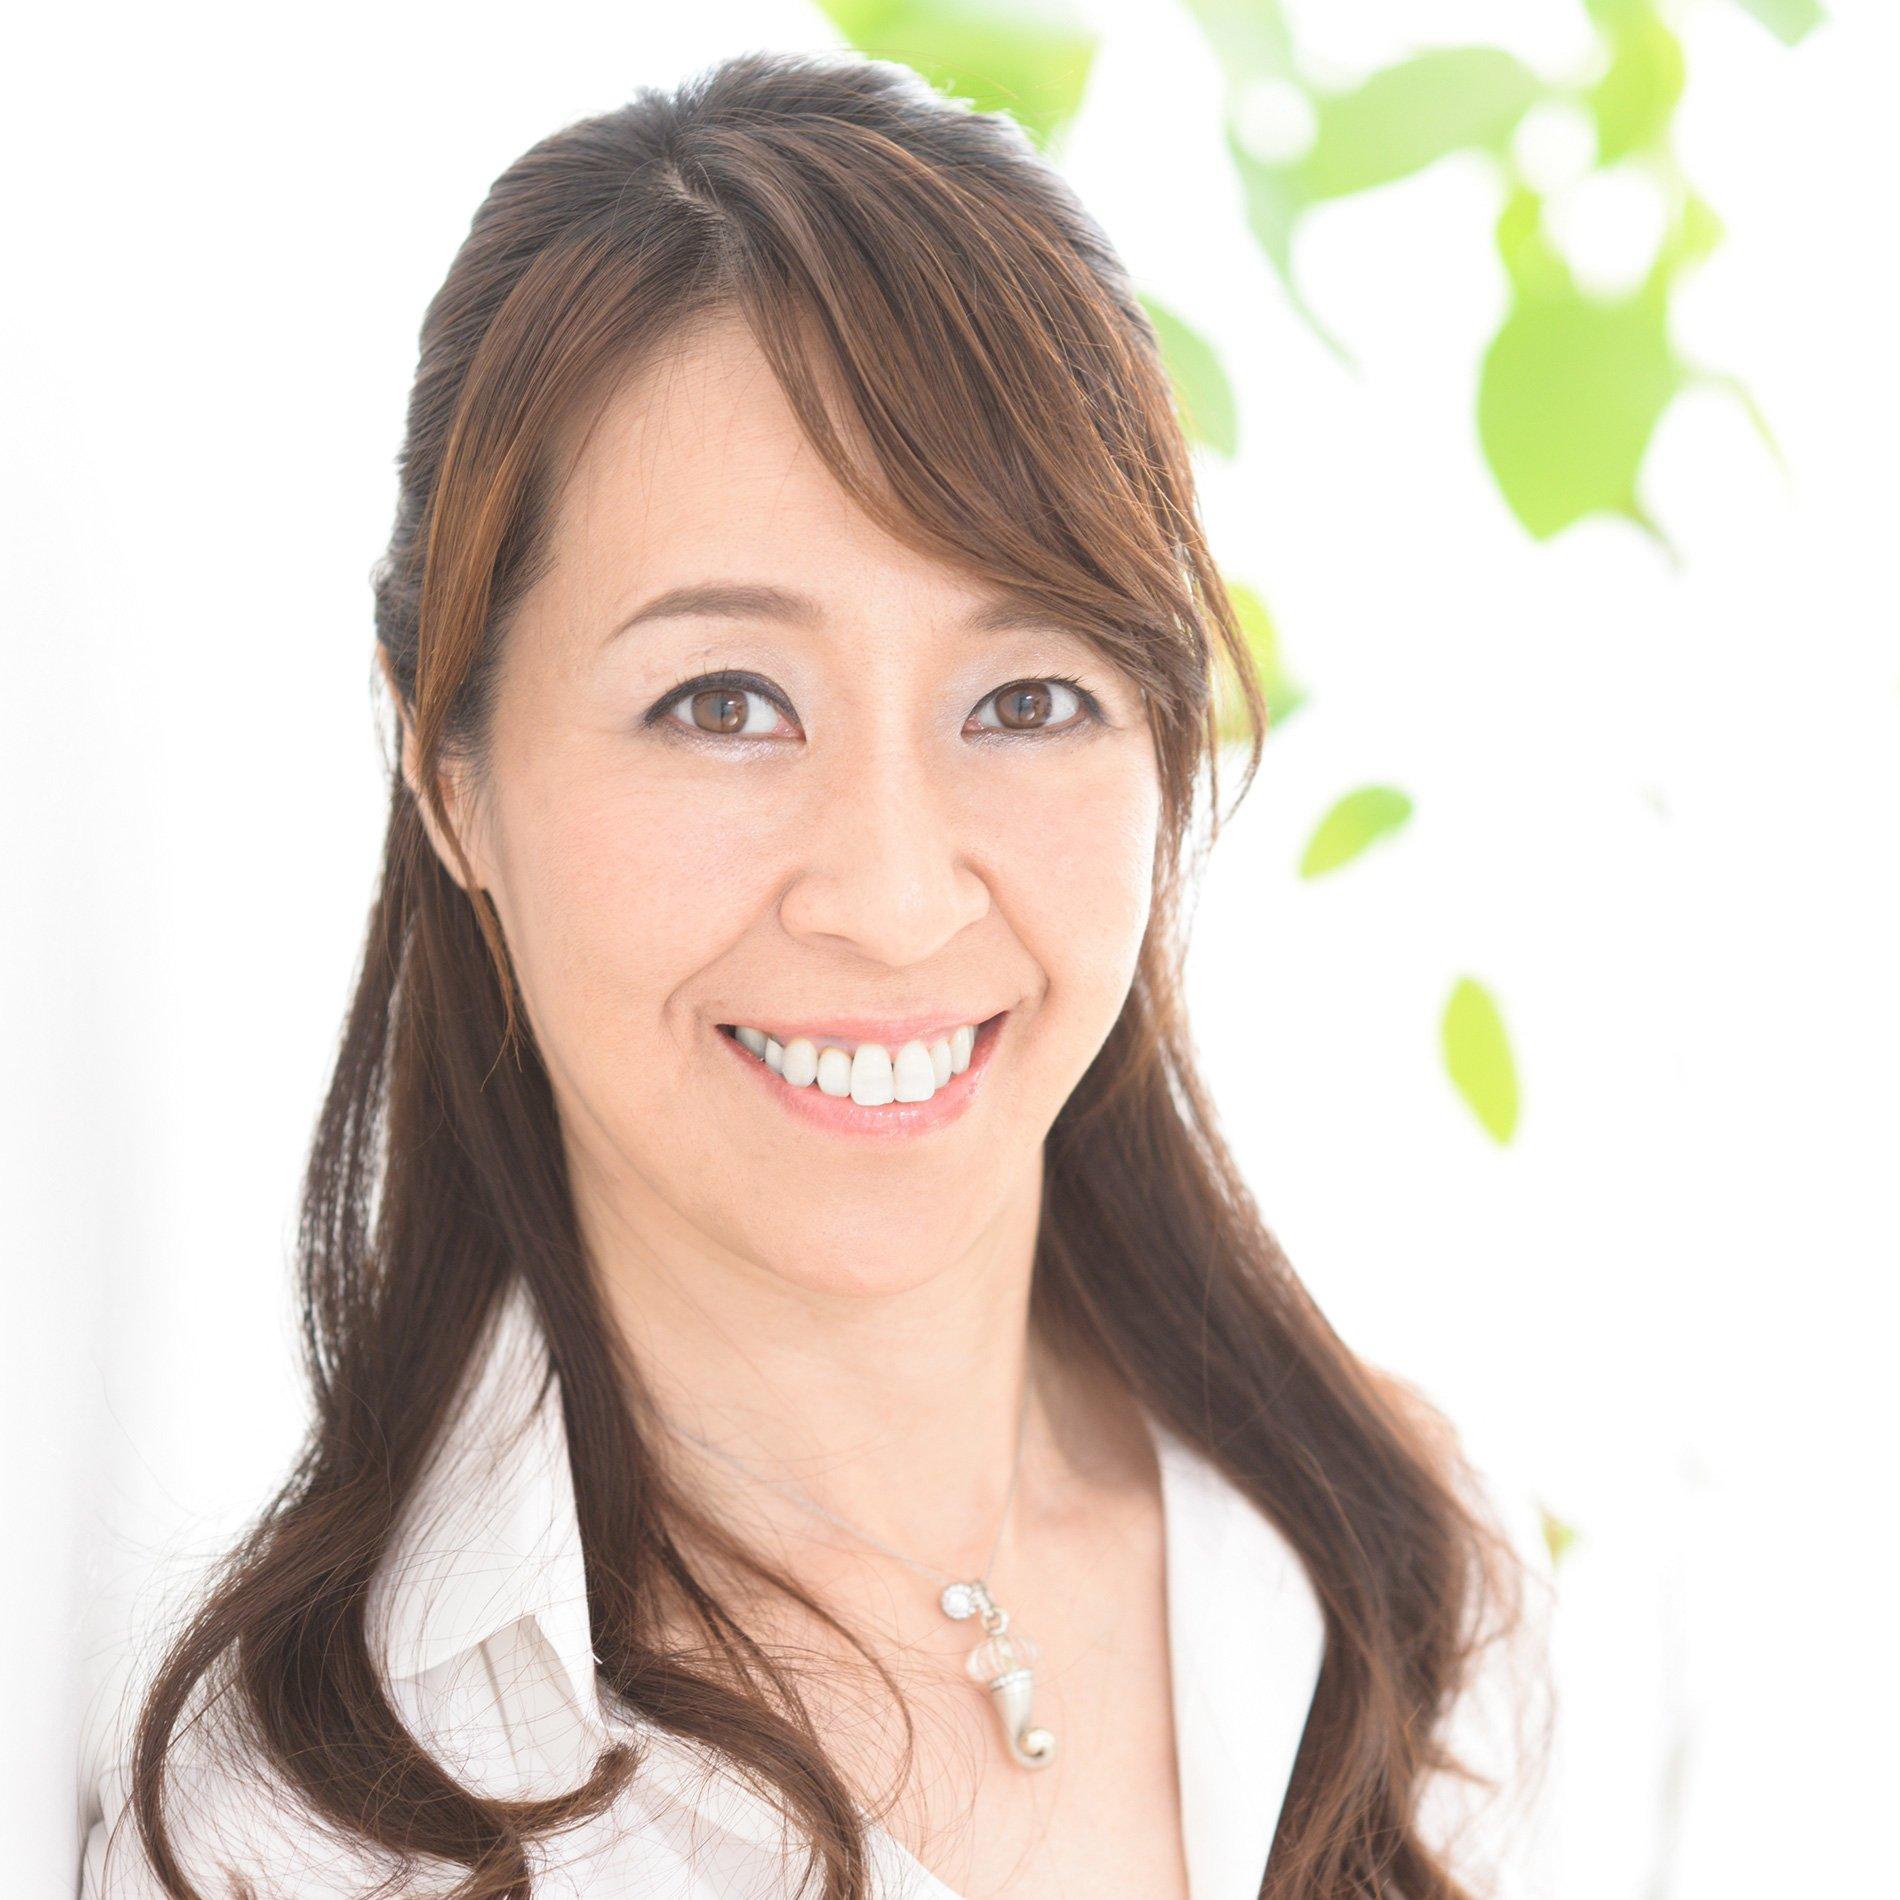 Makiko-miyoshi